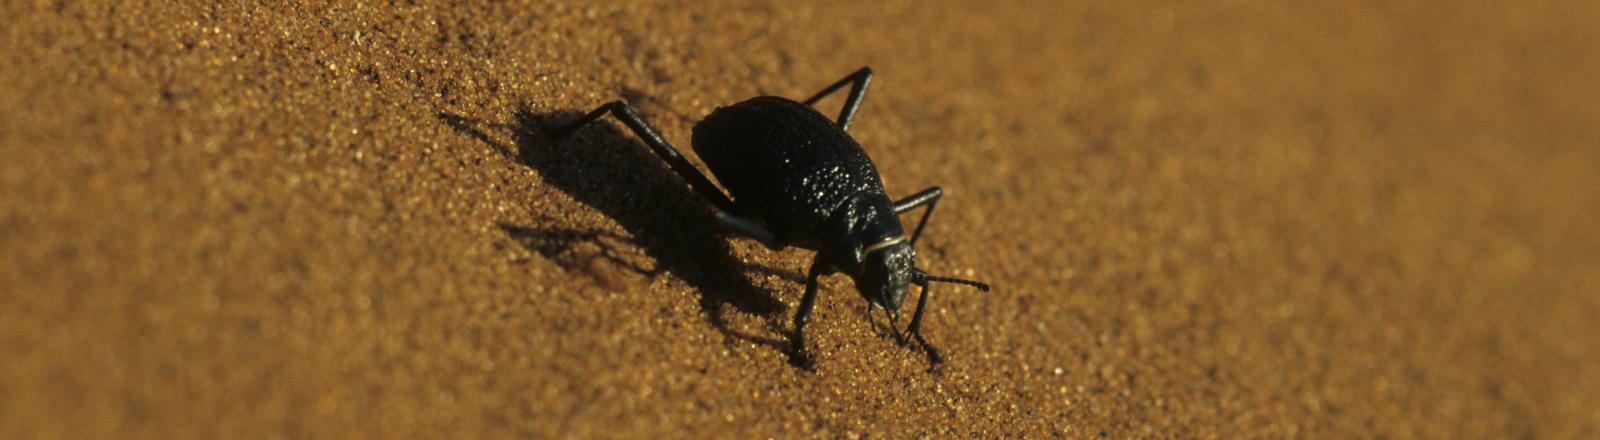 Der Onymacris unguicularis - der Nebeltrinker-Käfer in der Namibwüste.